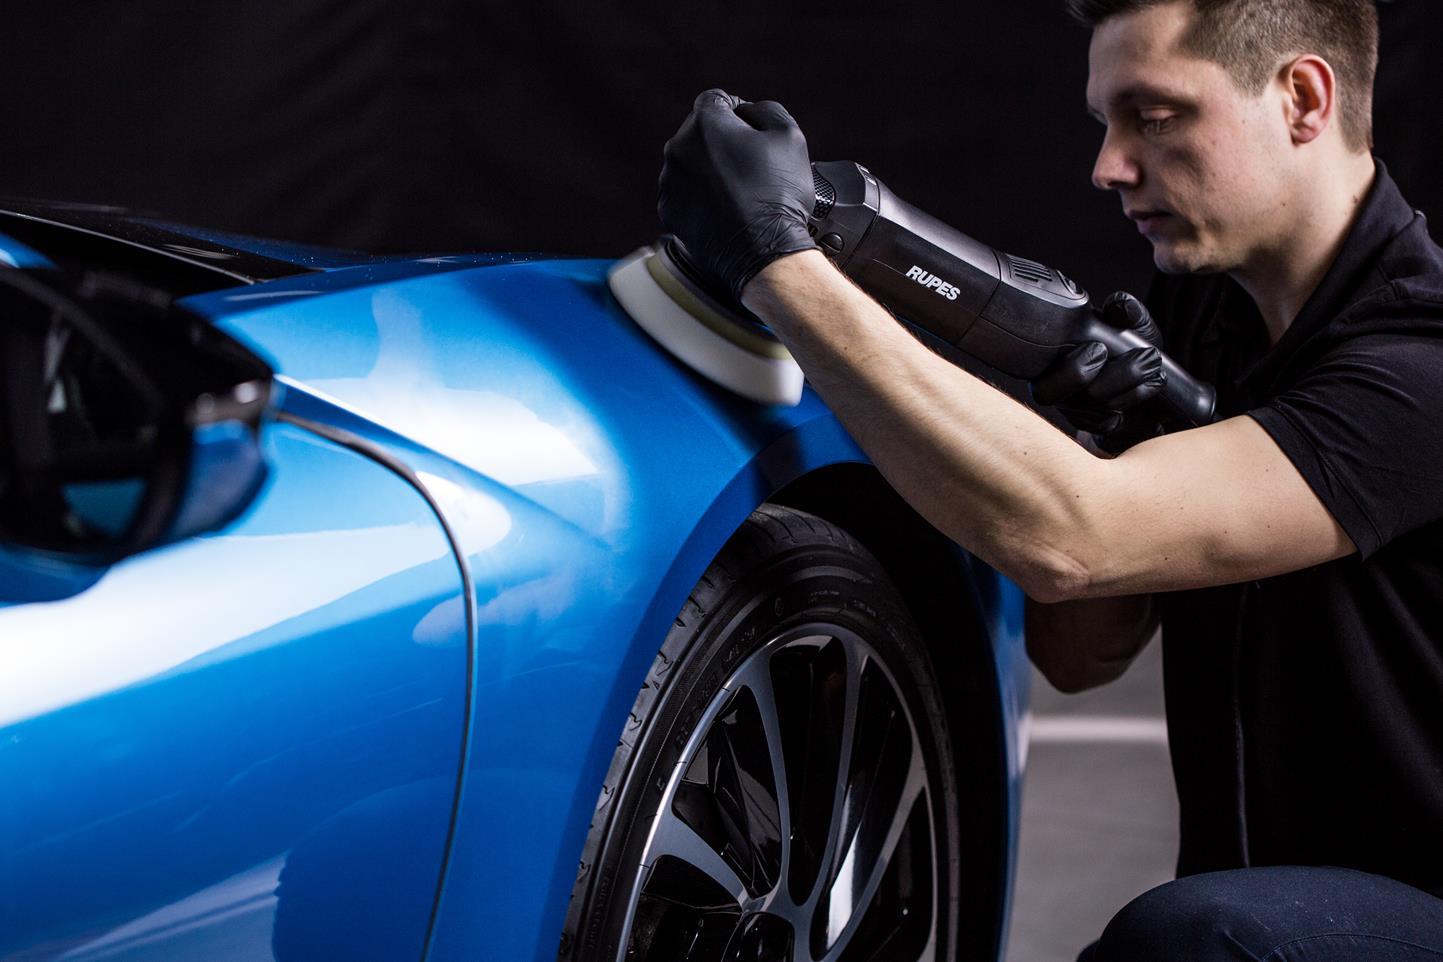 Profesjonalne polerowanie samochodu – co jest potrzebne